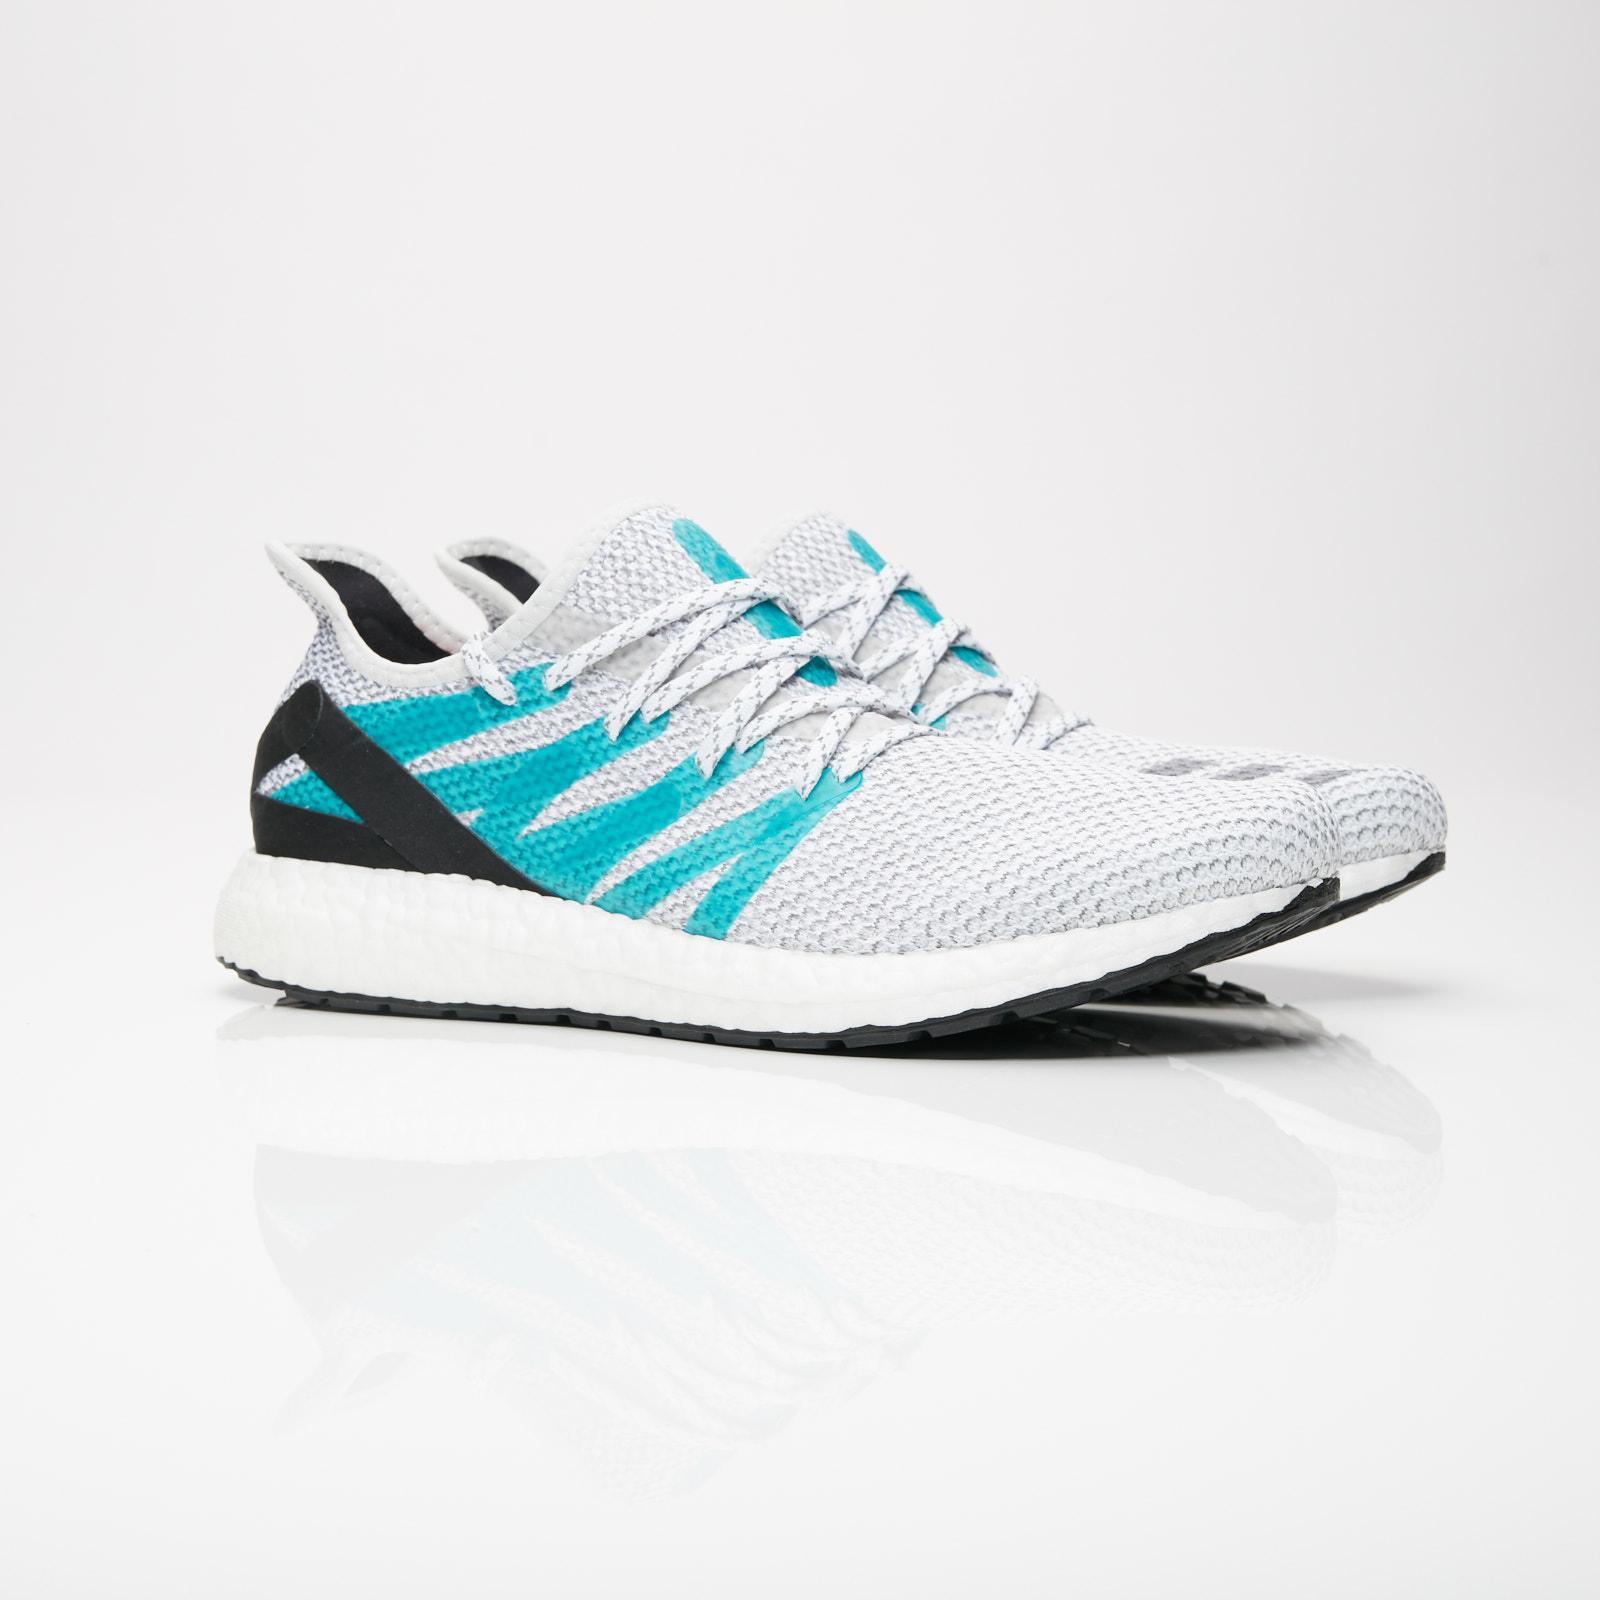 2f3d2daae1d adidas SPEEDFACTORY AM4LDN - G25950 - Sneakersnstuff | sneakers ...